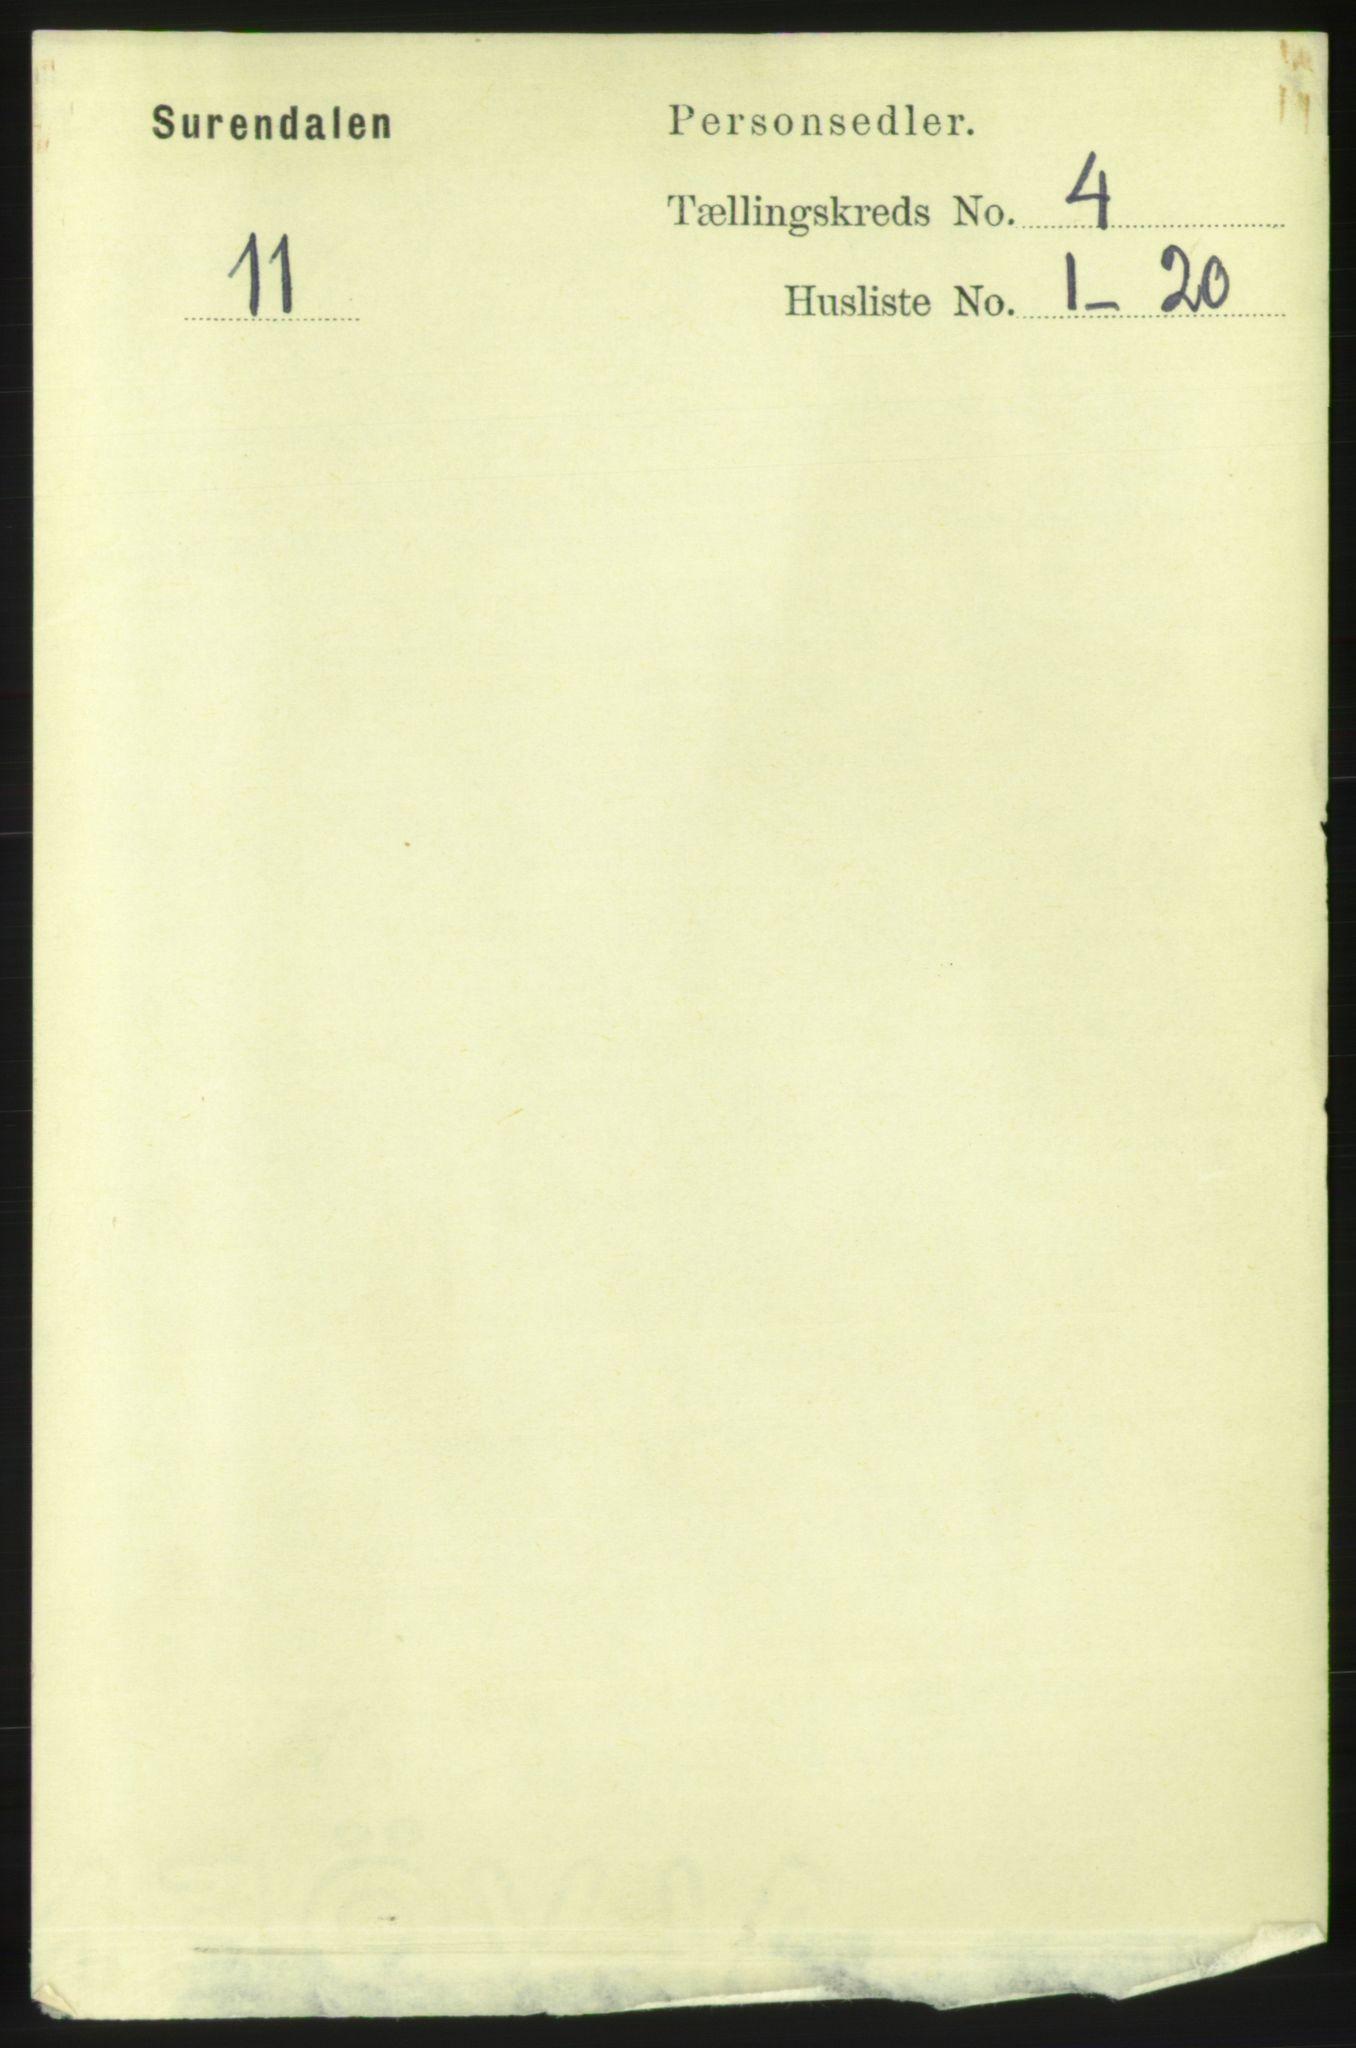 RA, Folketelling 1891 for 1566 Surnadal herred, 1891, s. 1062